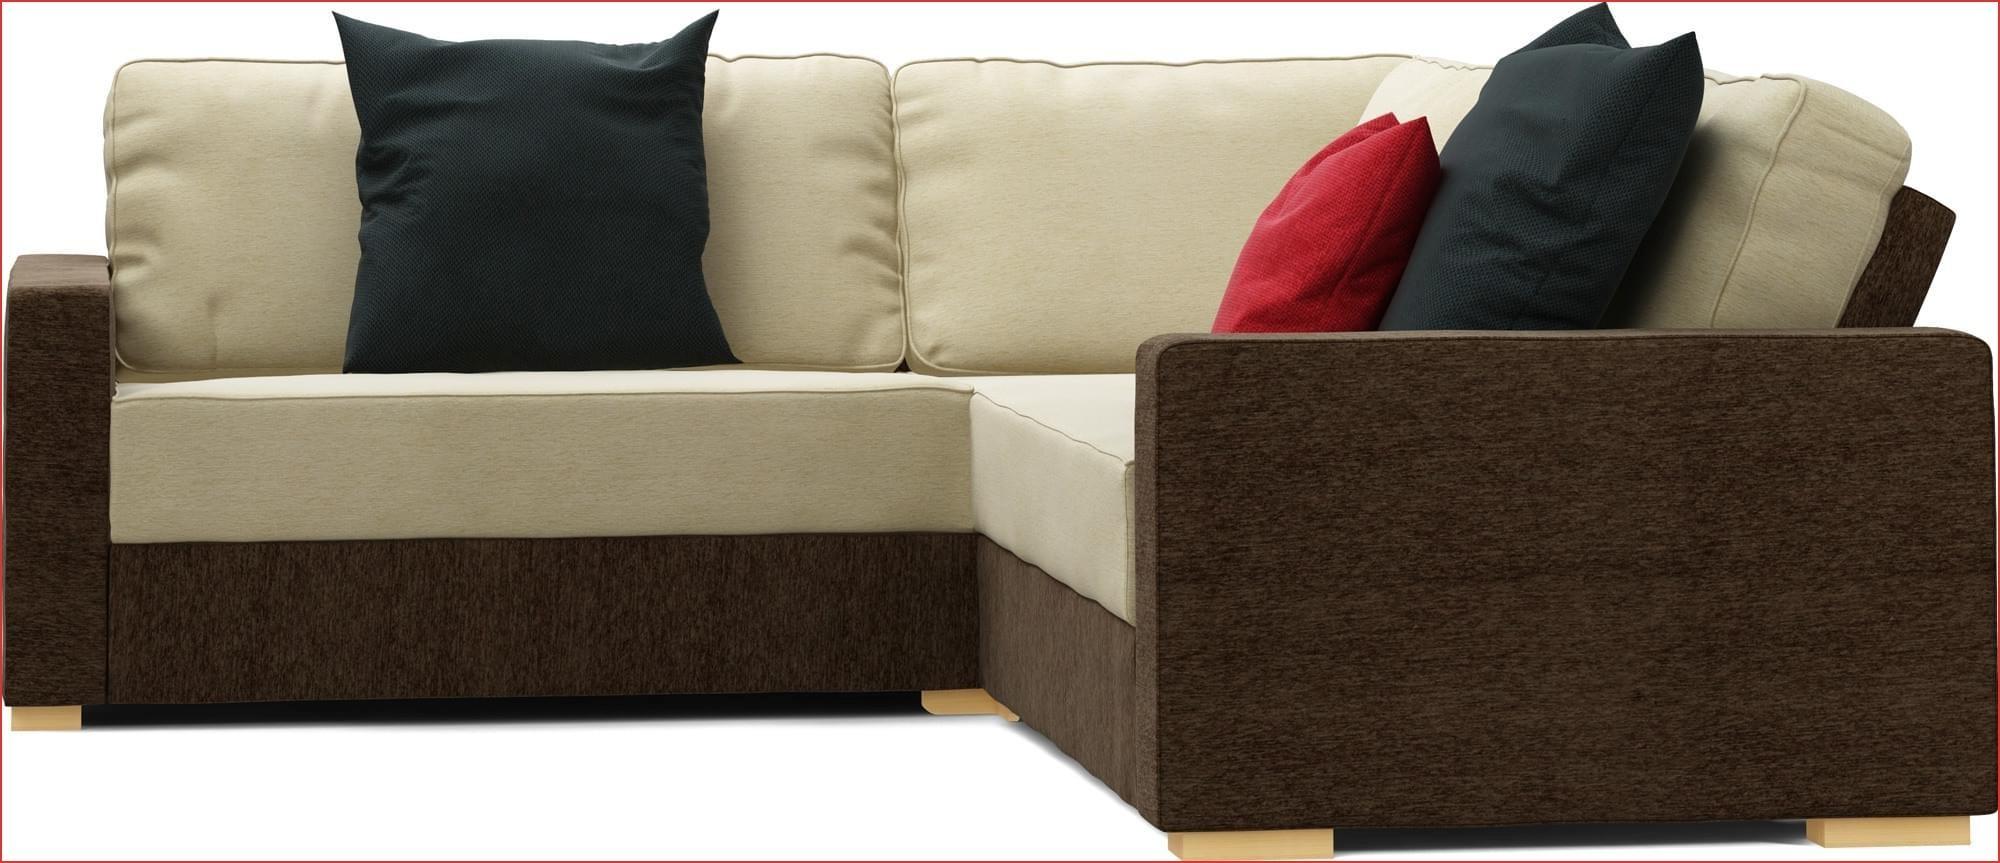 2X2 Corner Sofa Beautiful Xia 2X2 Corner Sofa Custom Made Corner Pertaining To 2X2 Corner Sofas (View 12 of 21)